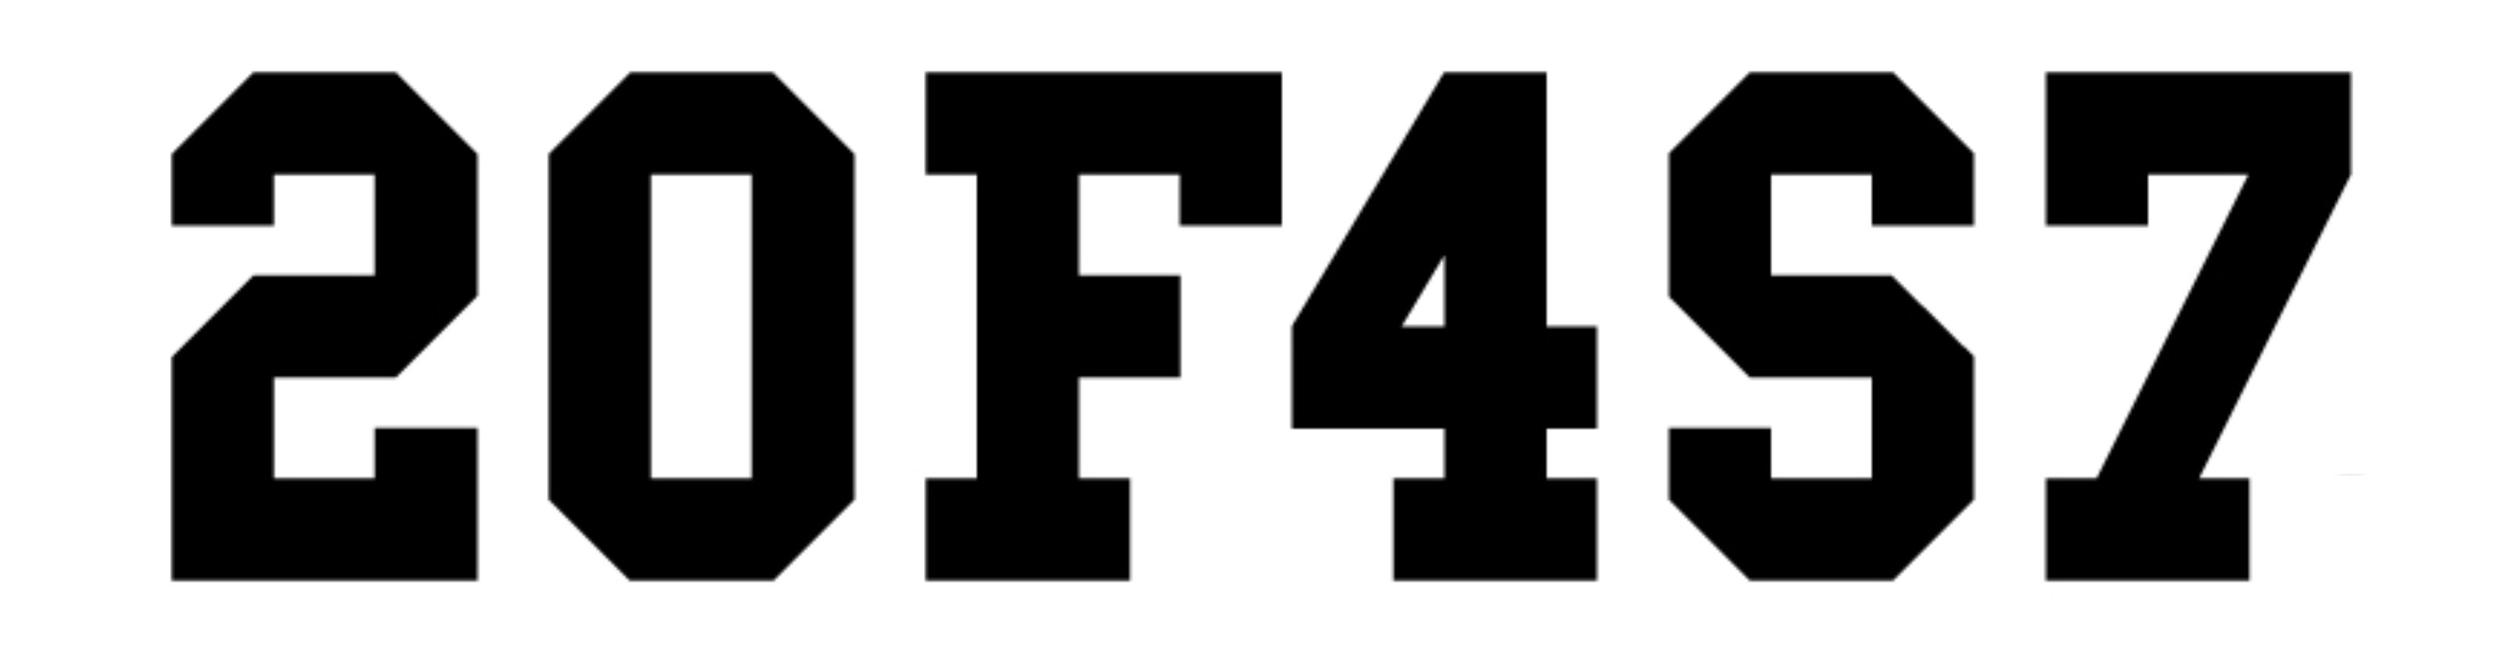 20F4S7  Brooklyn, NY